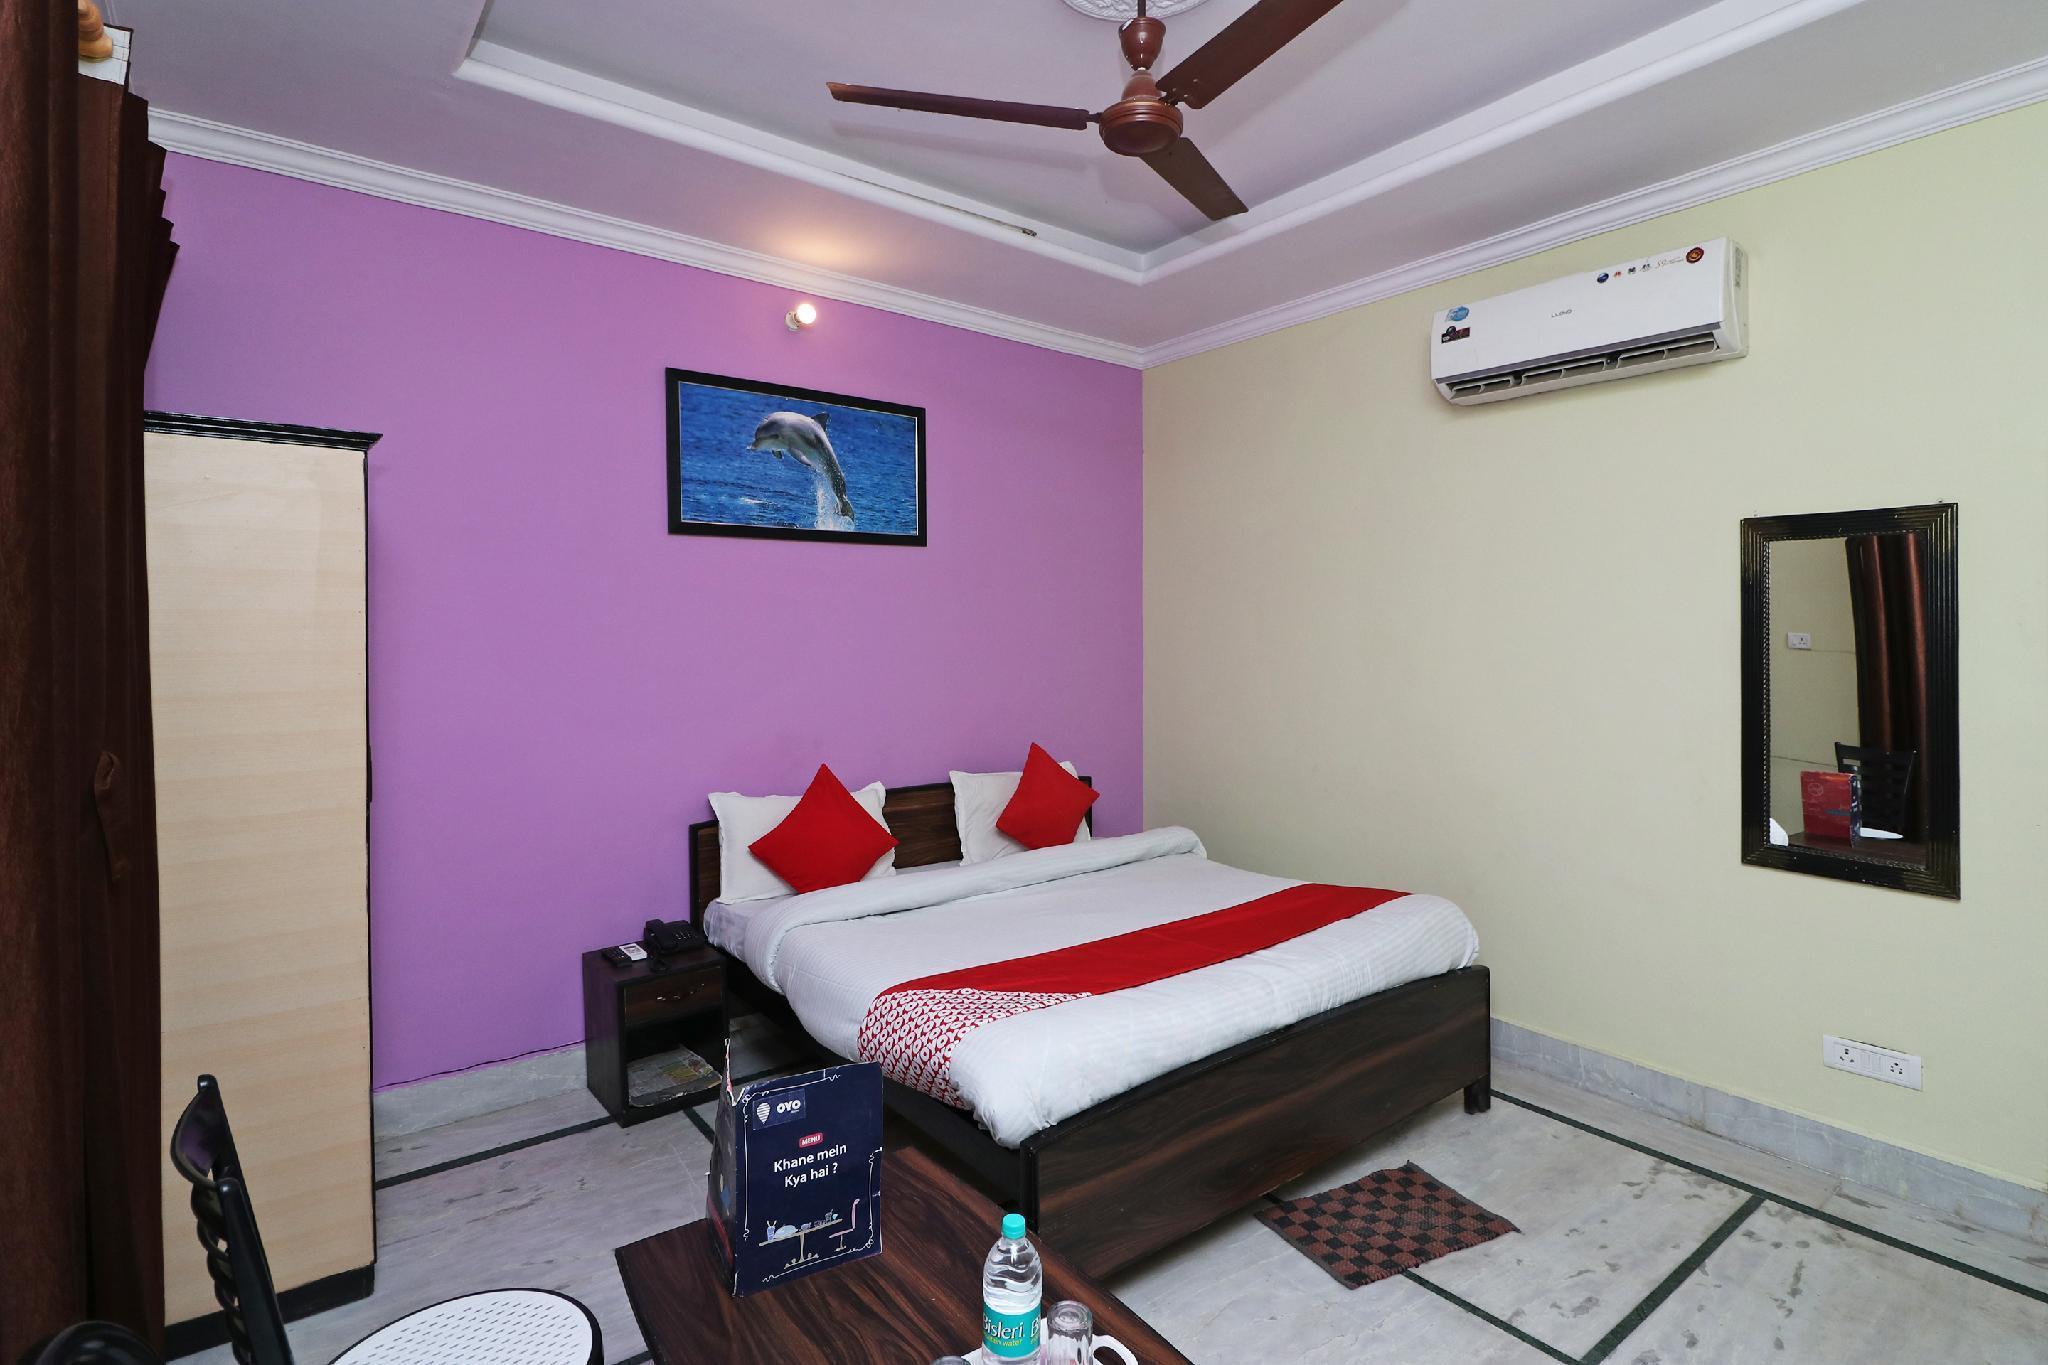 OYO 13686 Rudraksh hotel